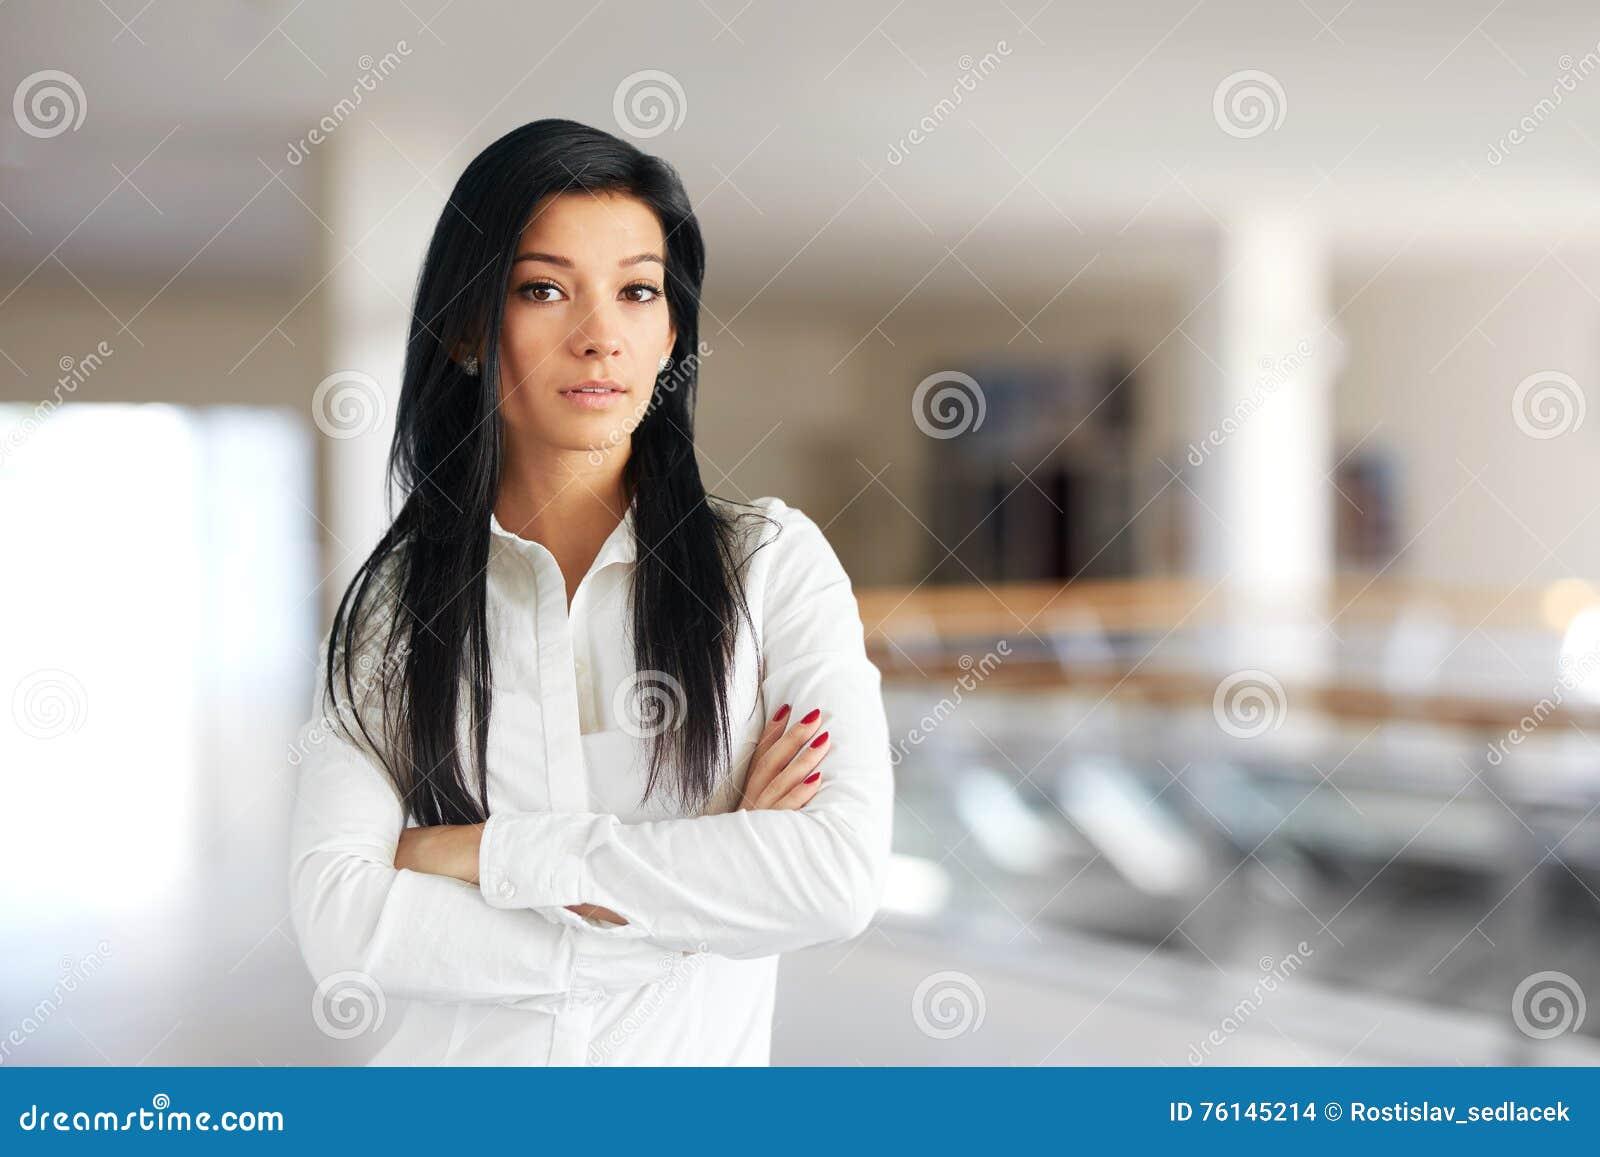 La Mujer Coloca Los Con Cruzados Se Camisa Que Blanca En Brazos POO5qf